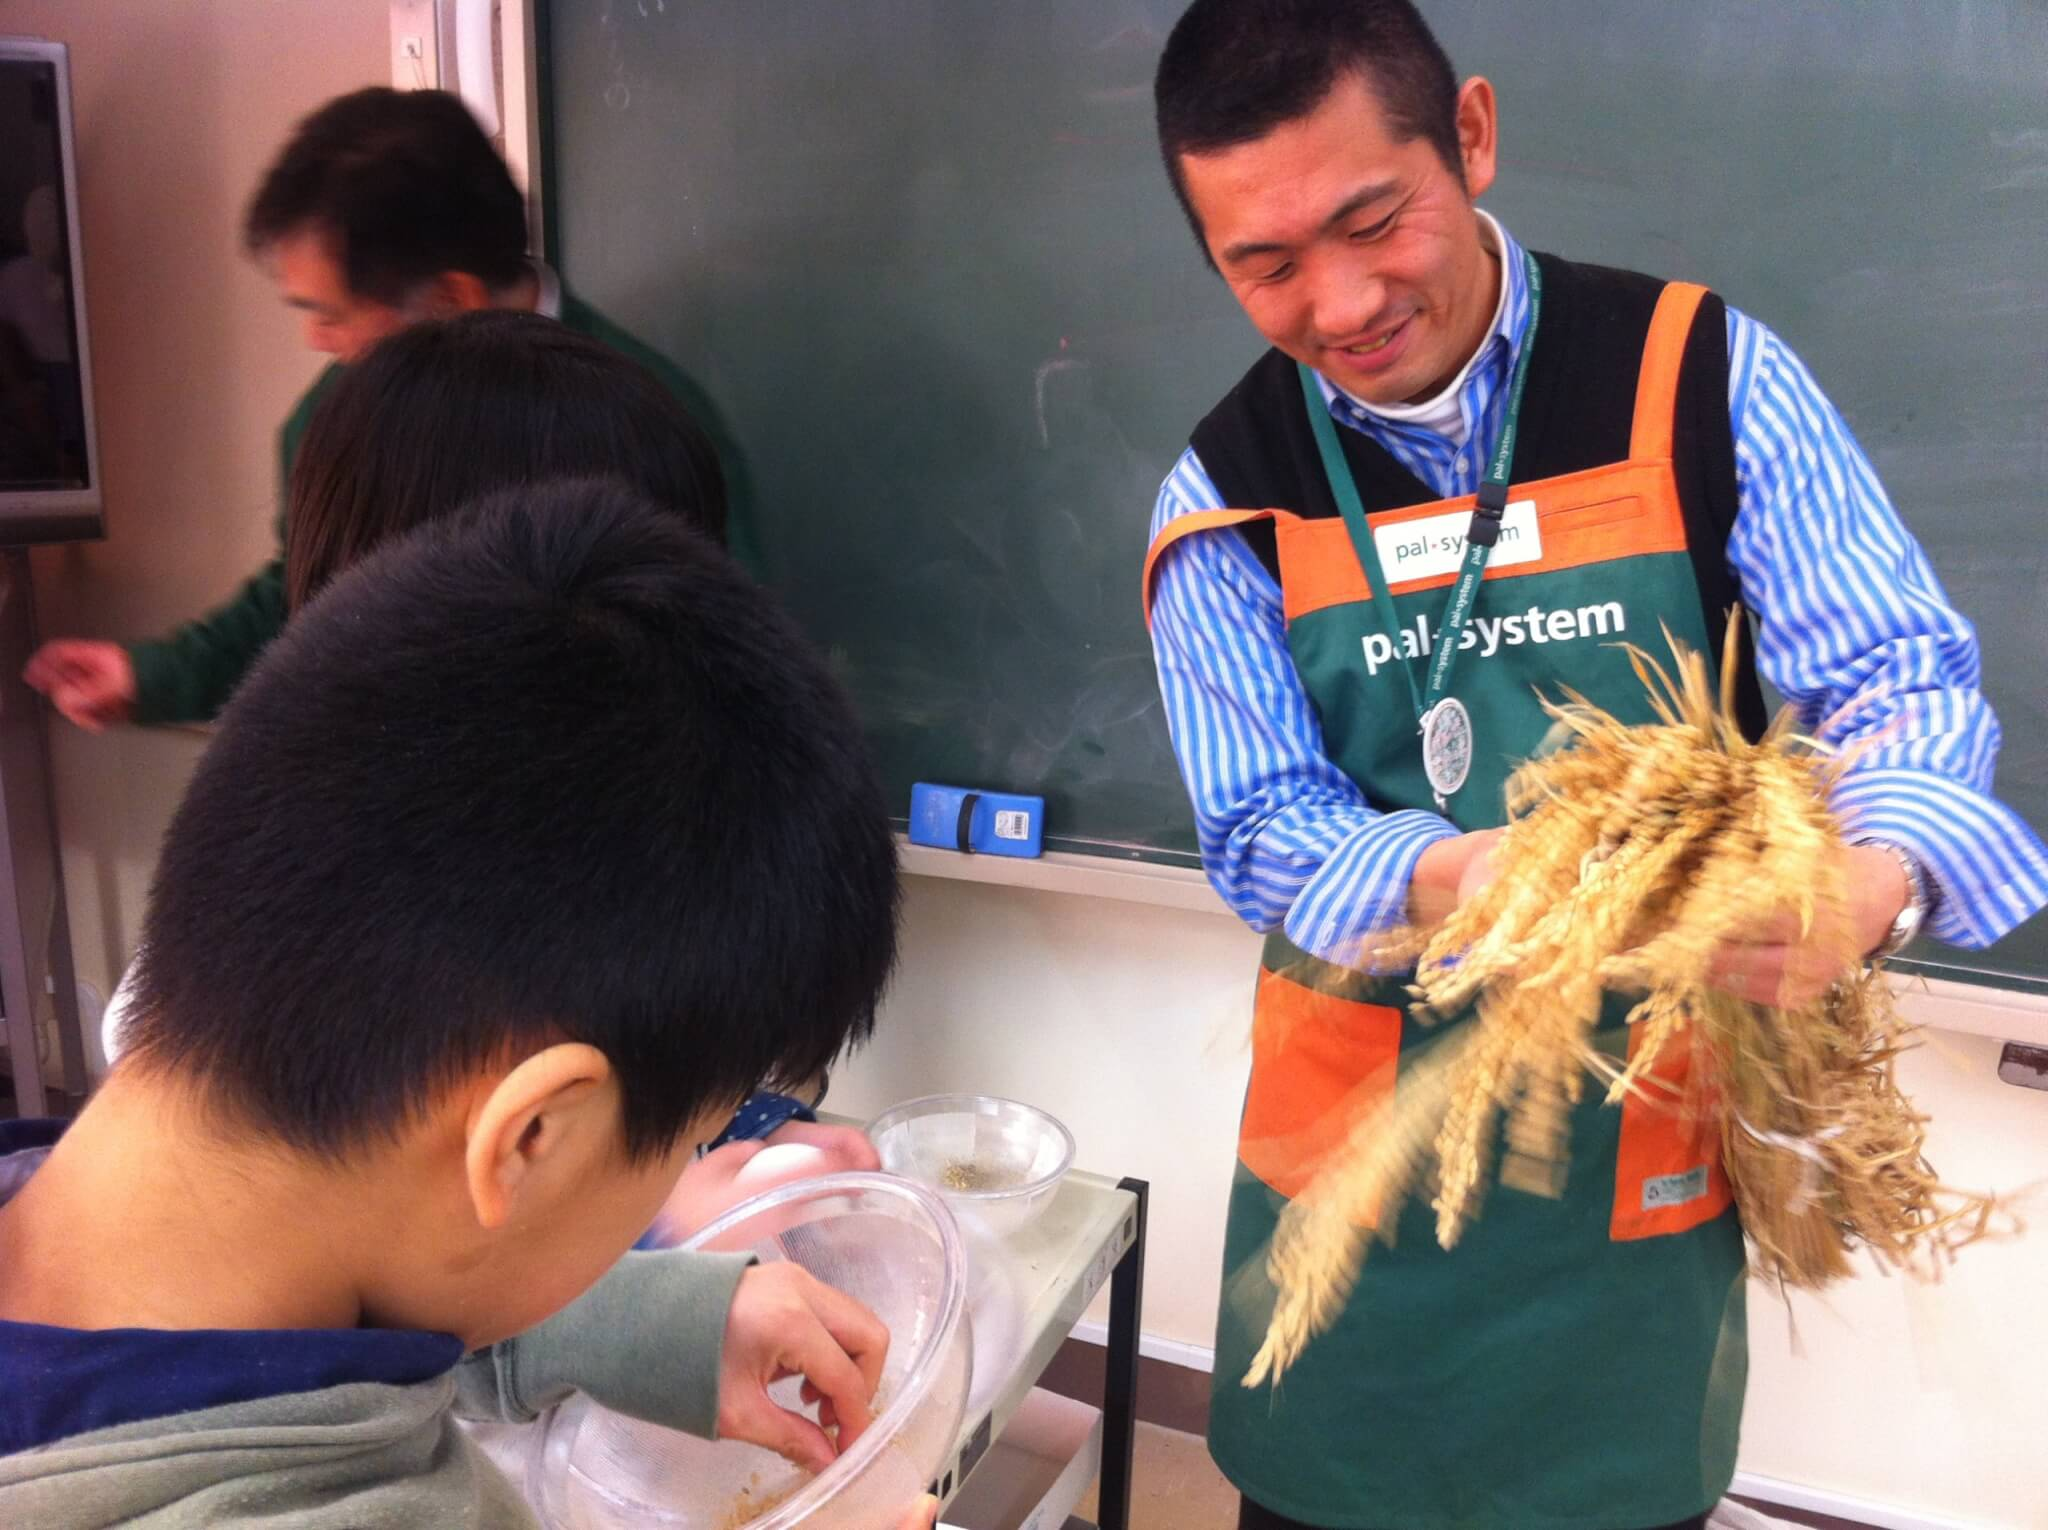 2013年度(平成25年度) パルシステム東京教育支援活動「お米の出前授業」実施校